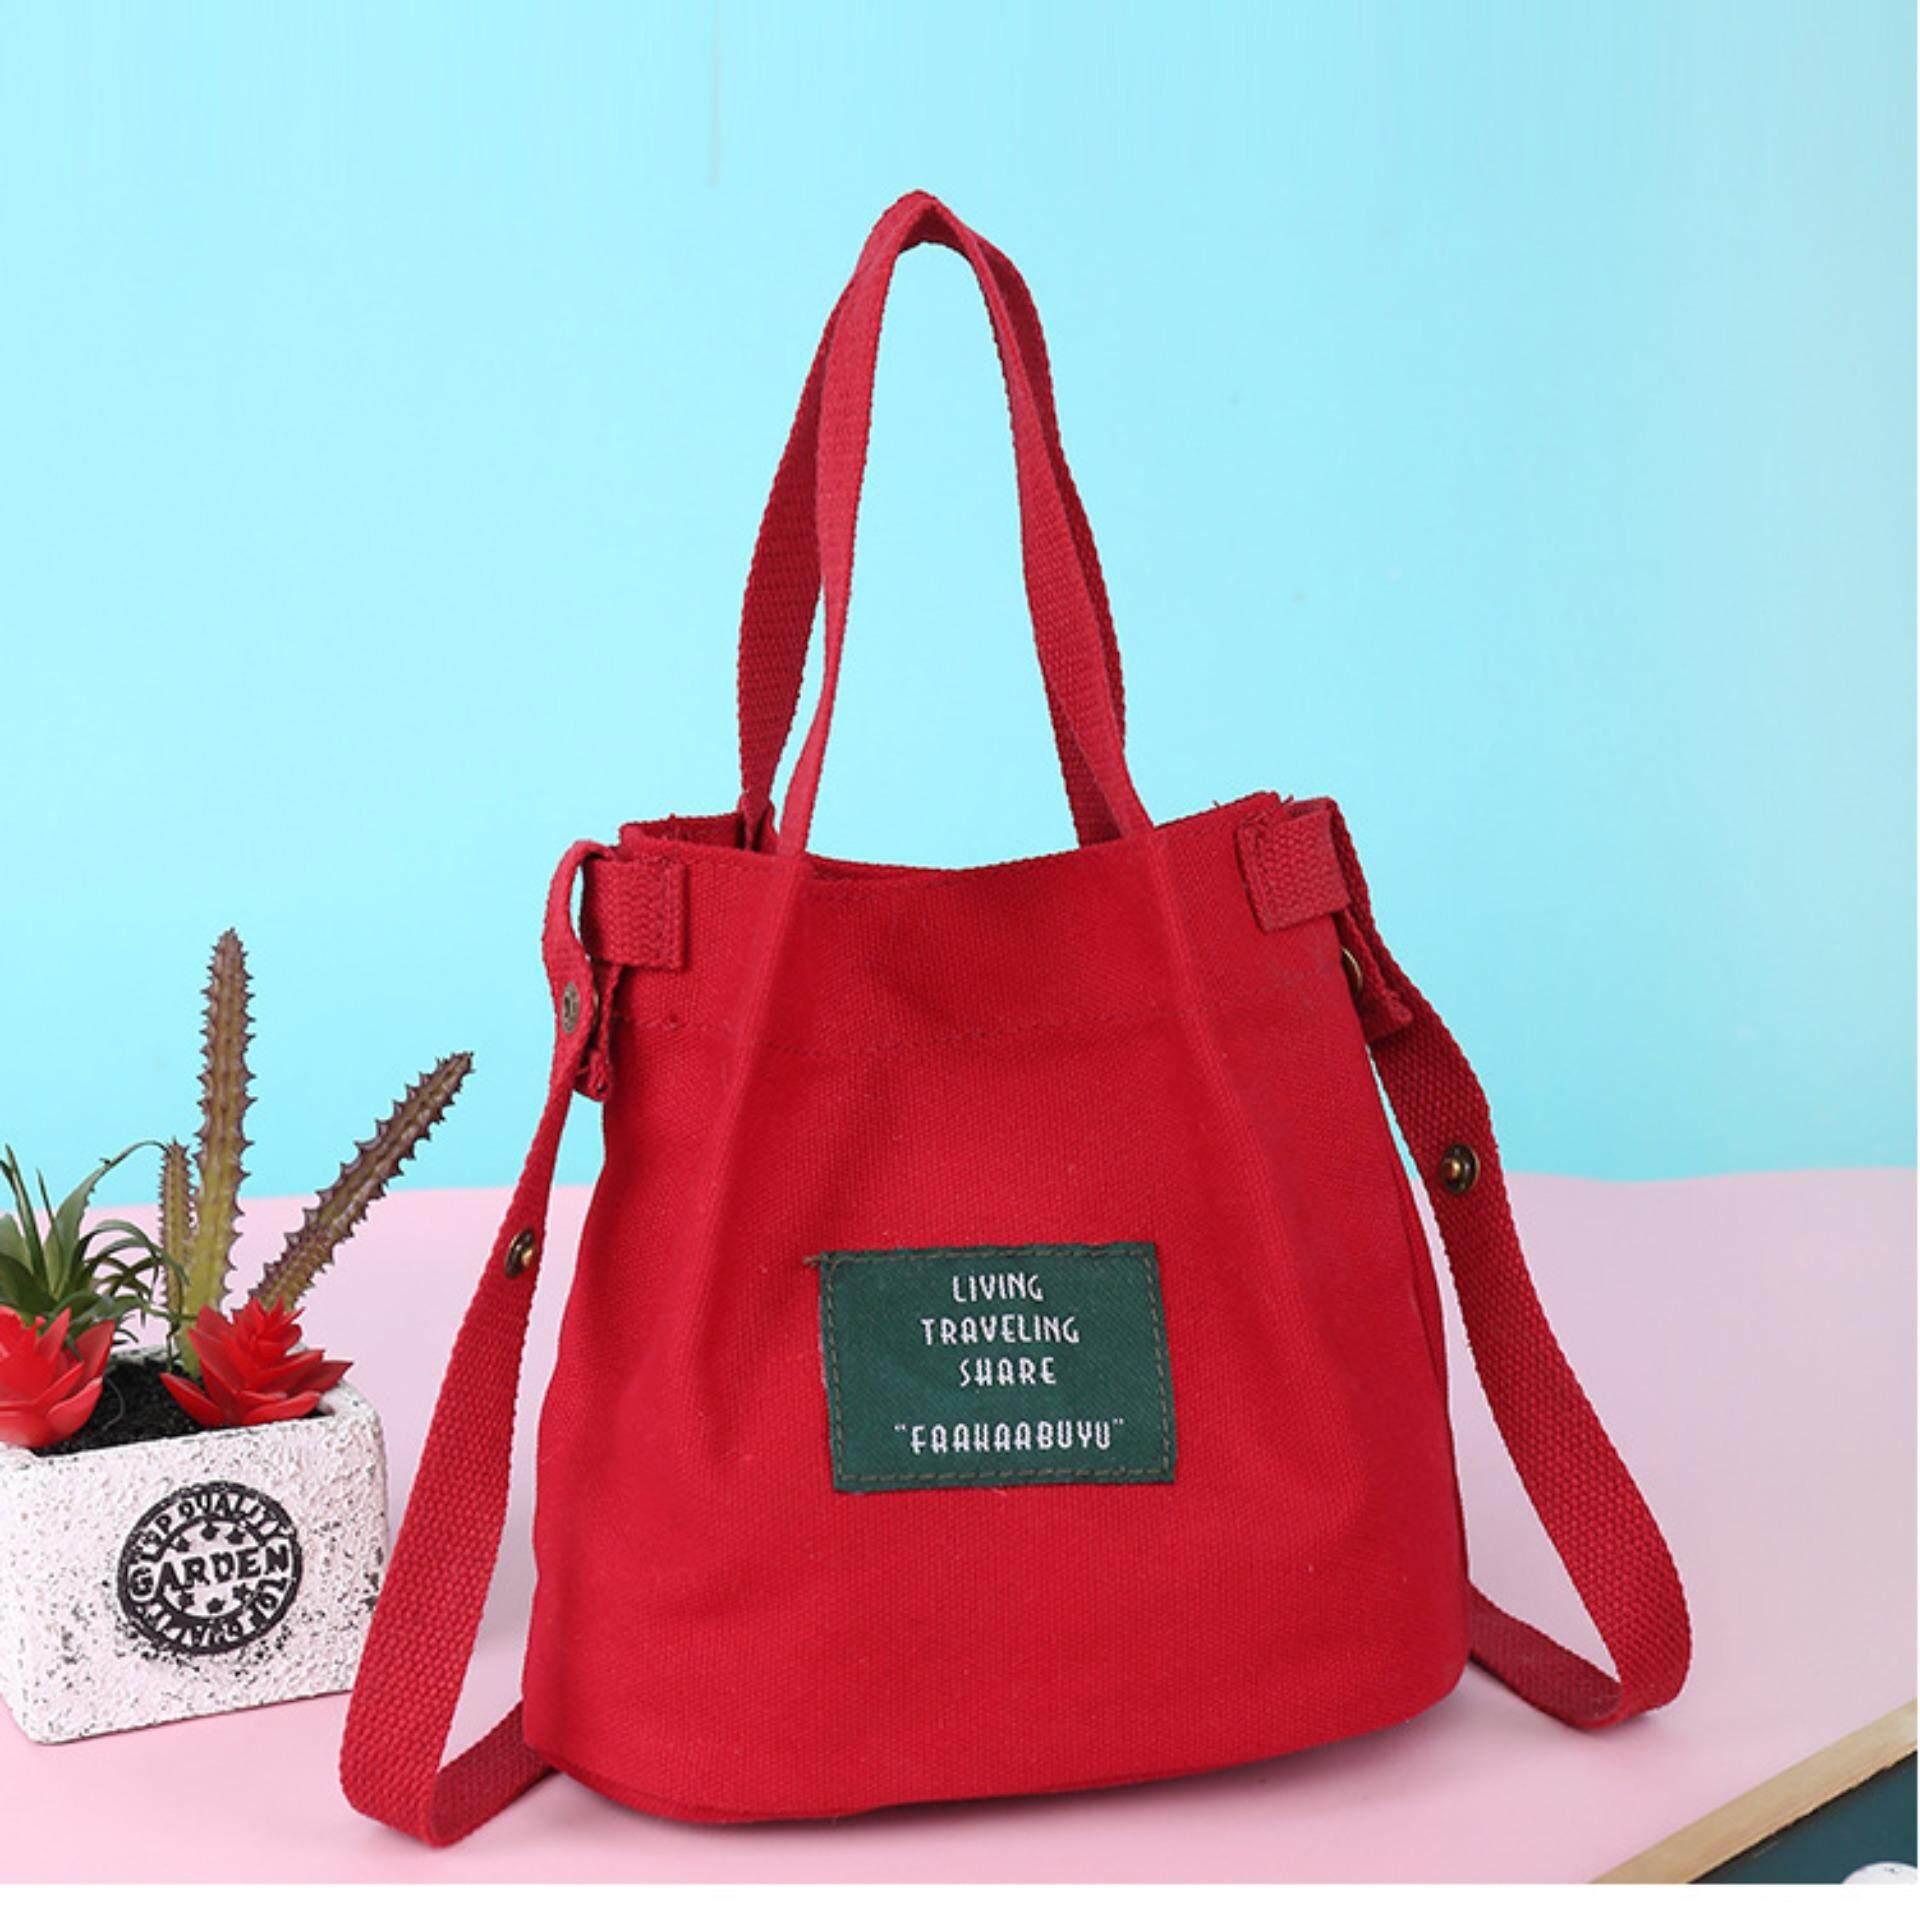 Quincylabel Tote Louise Bag Red Daftar Harga Terlengkap Indonesia Croco Himalayan Dark Blue Latest Womens Bags